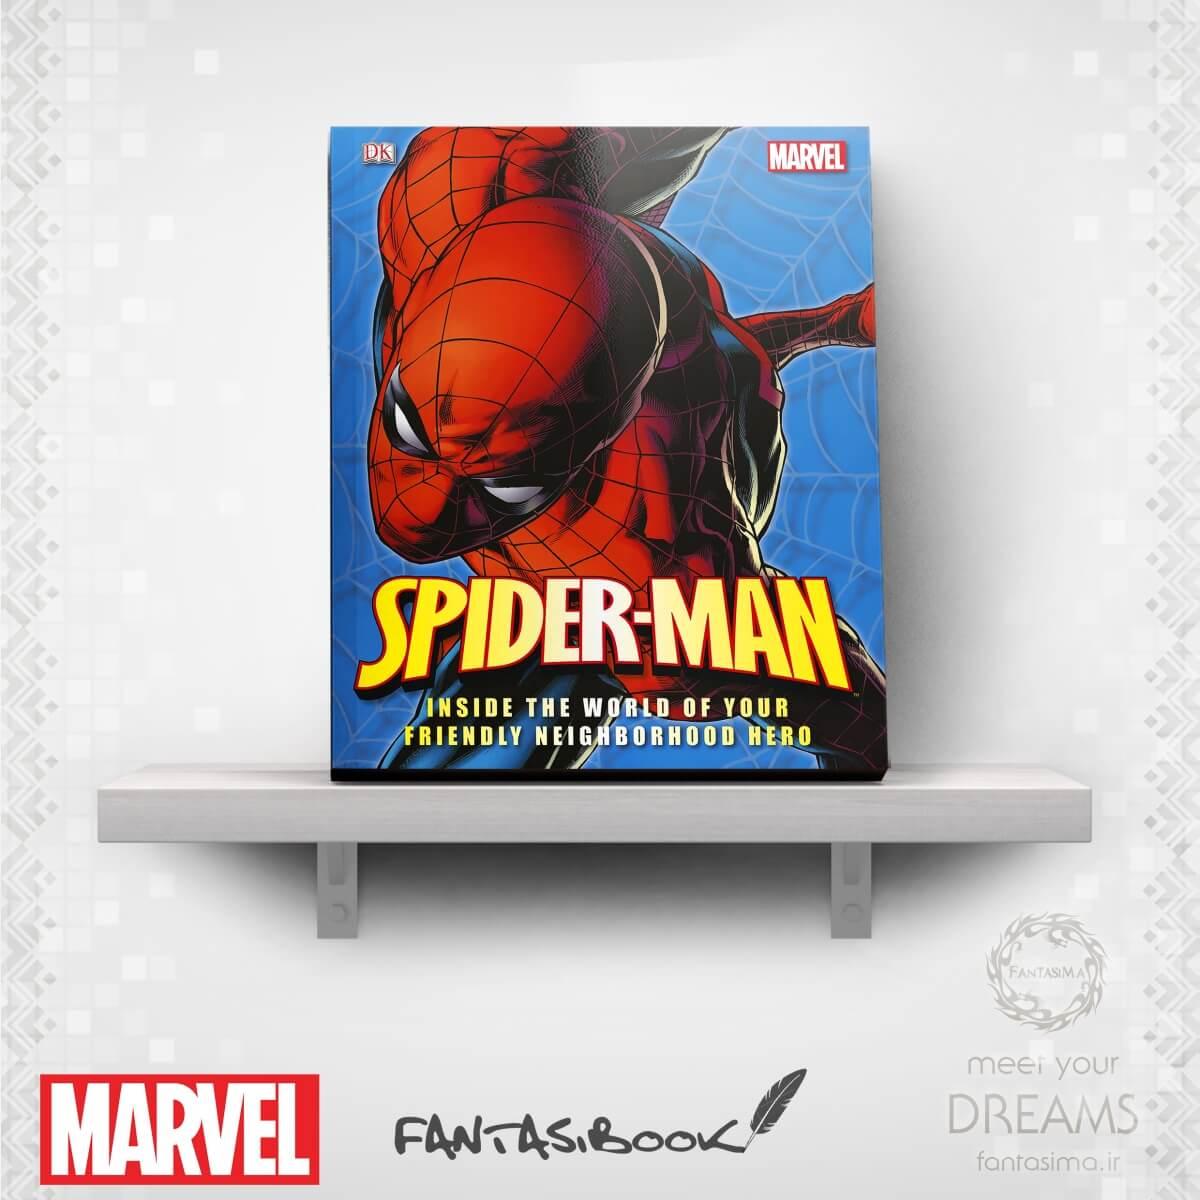 مرد عنکبوتی - دنیای قهرمان دوست داشتنی و همسایه شما